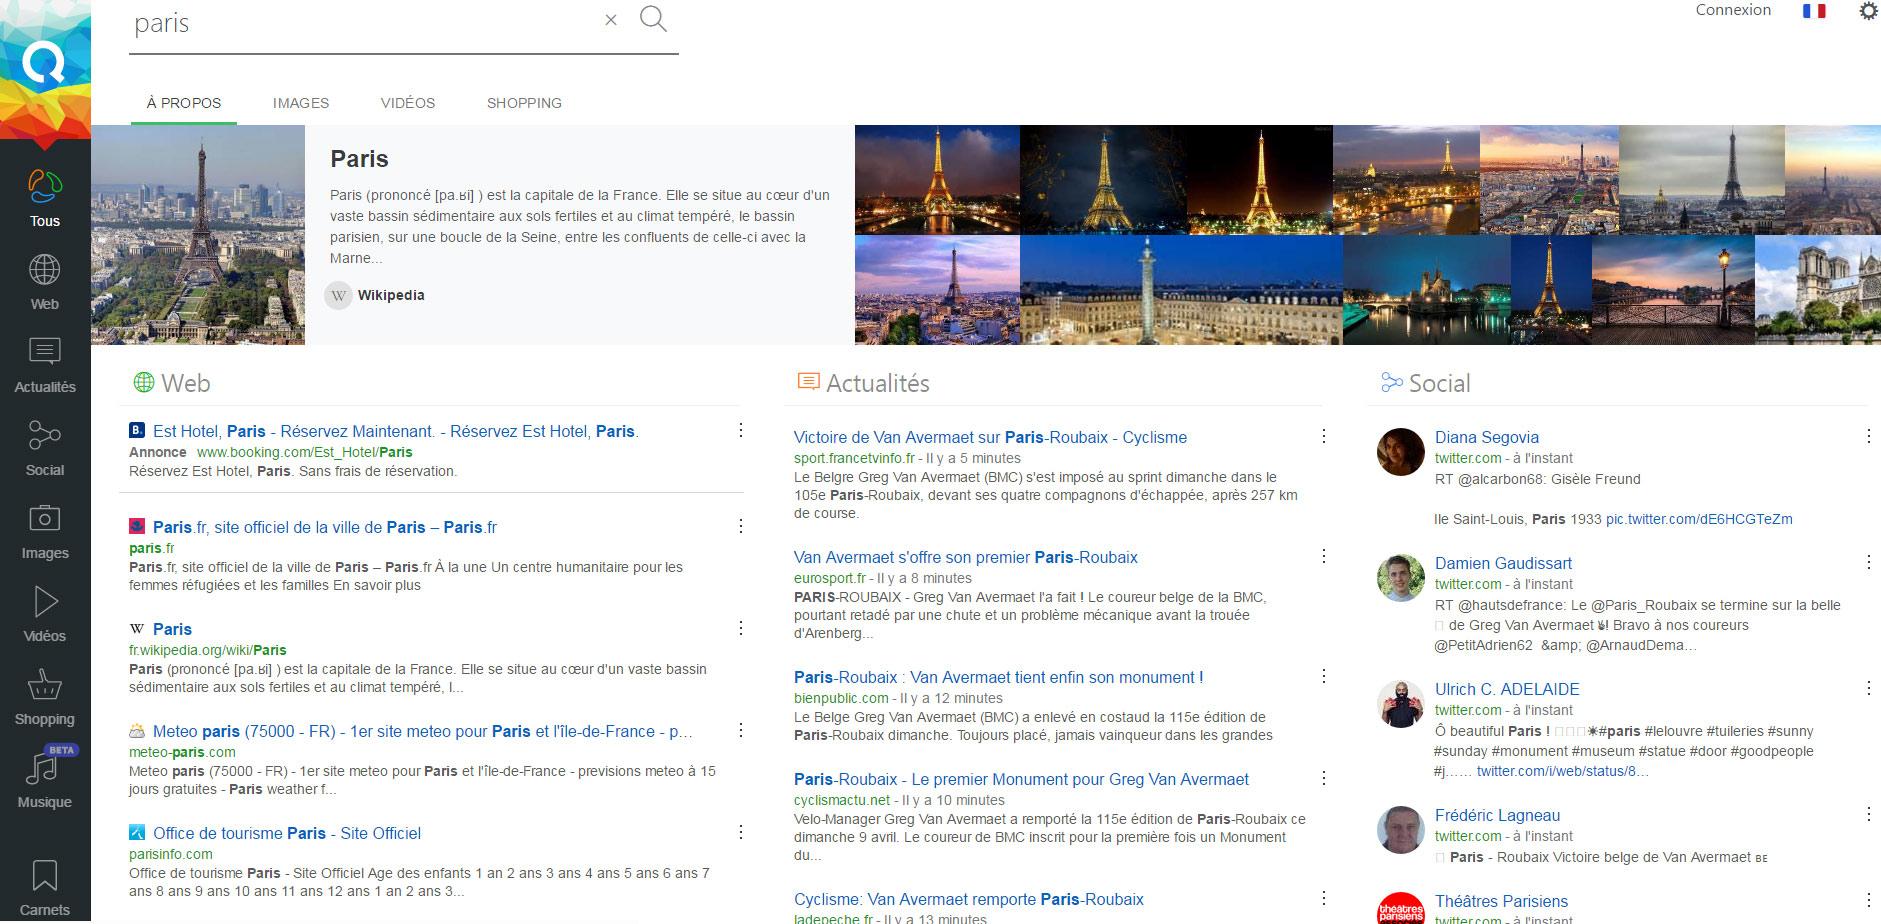 QUANT, le moteur de recherche français qui ne s'intéresse pas à votre vie privée